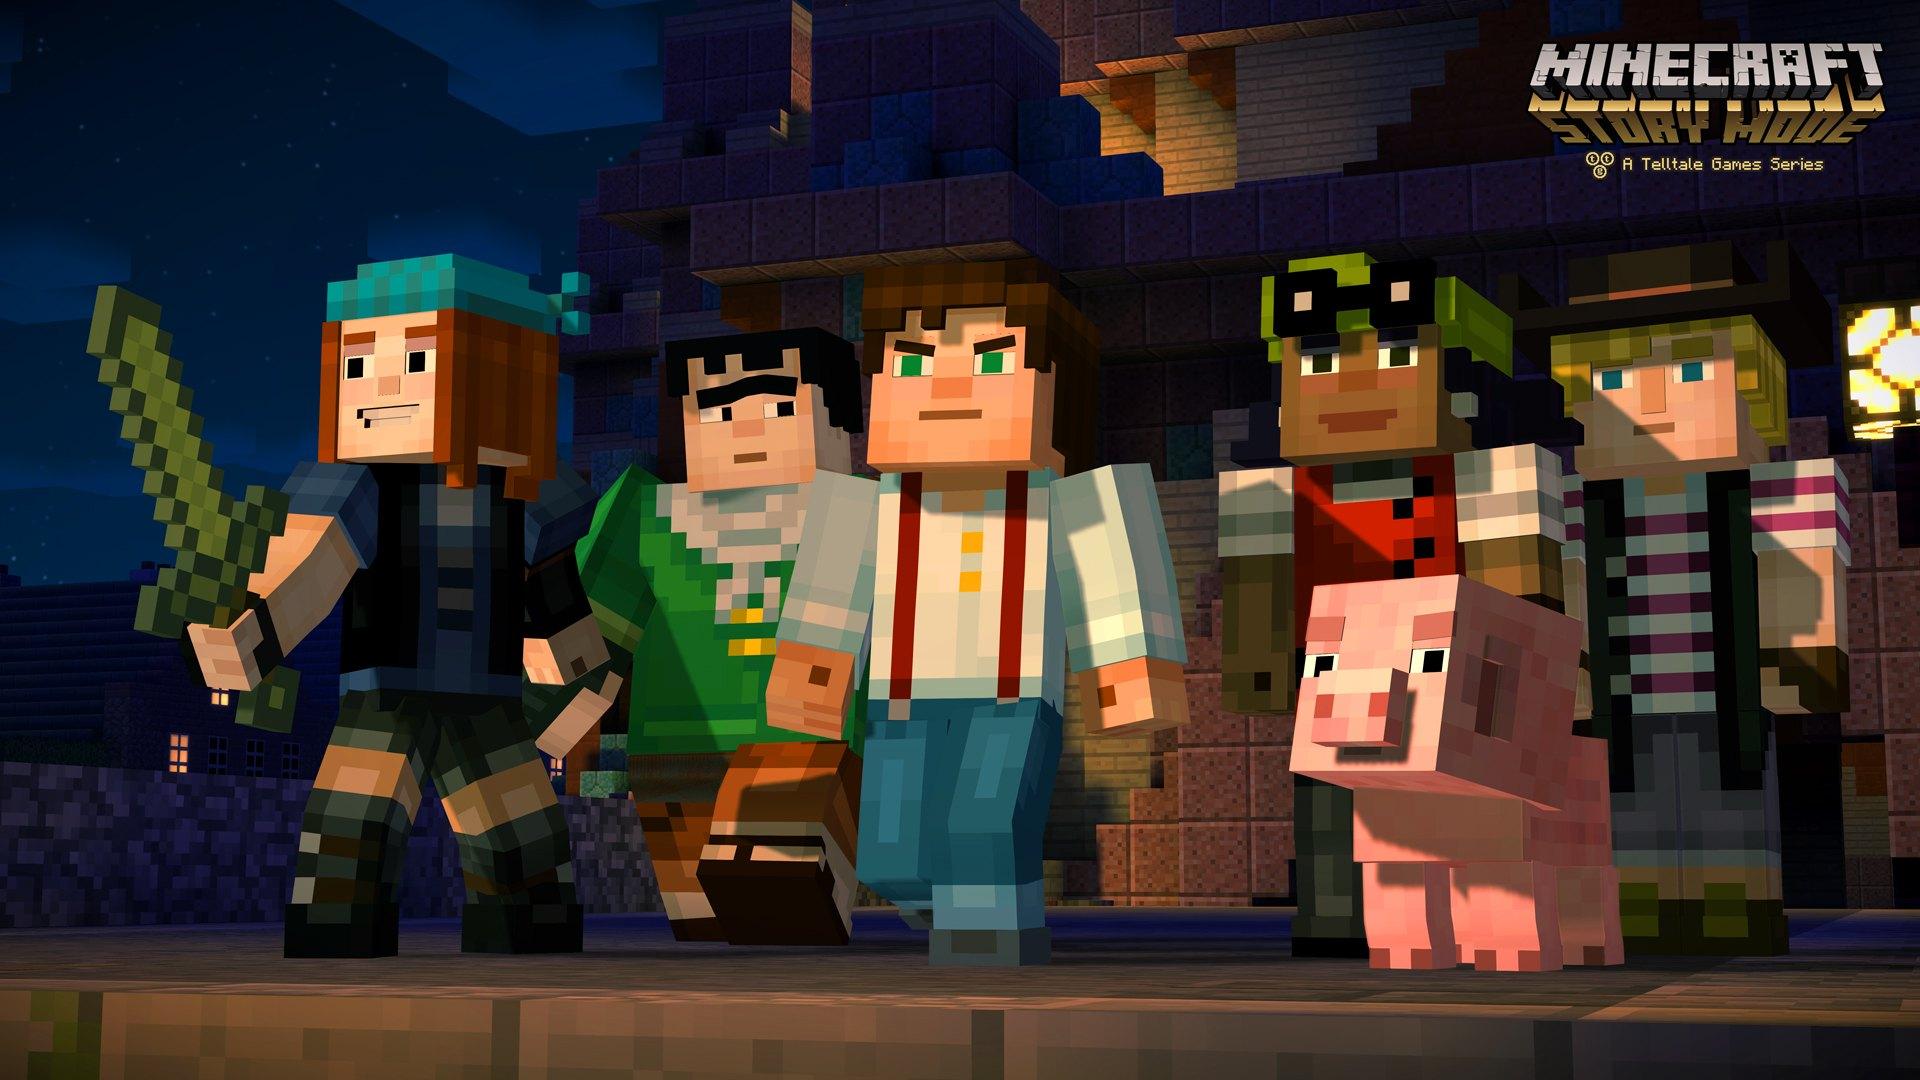 Minecraft débarque sur la Wii U avec le mode Story